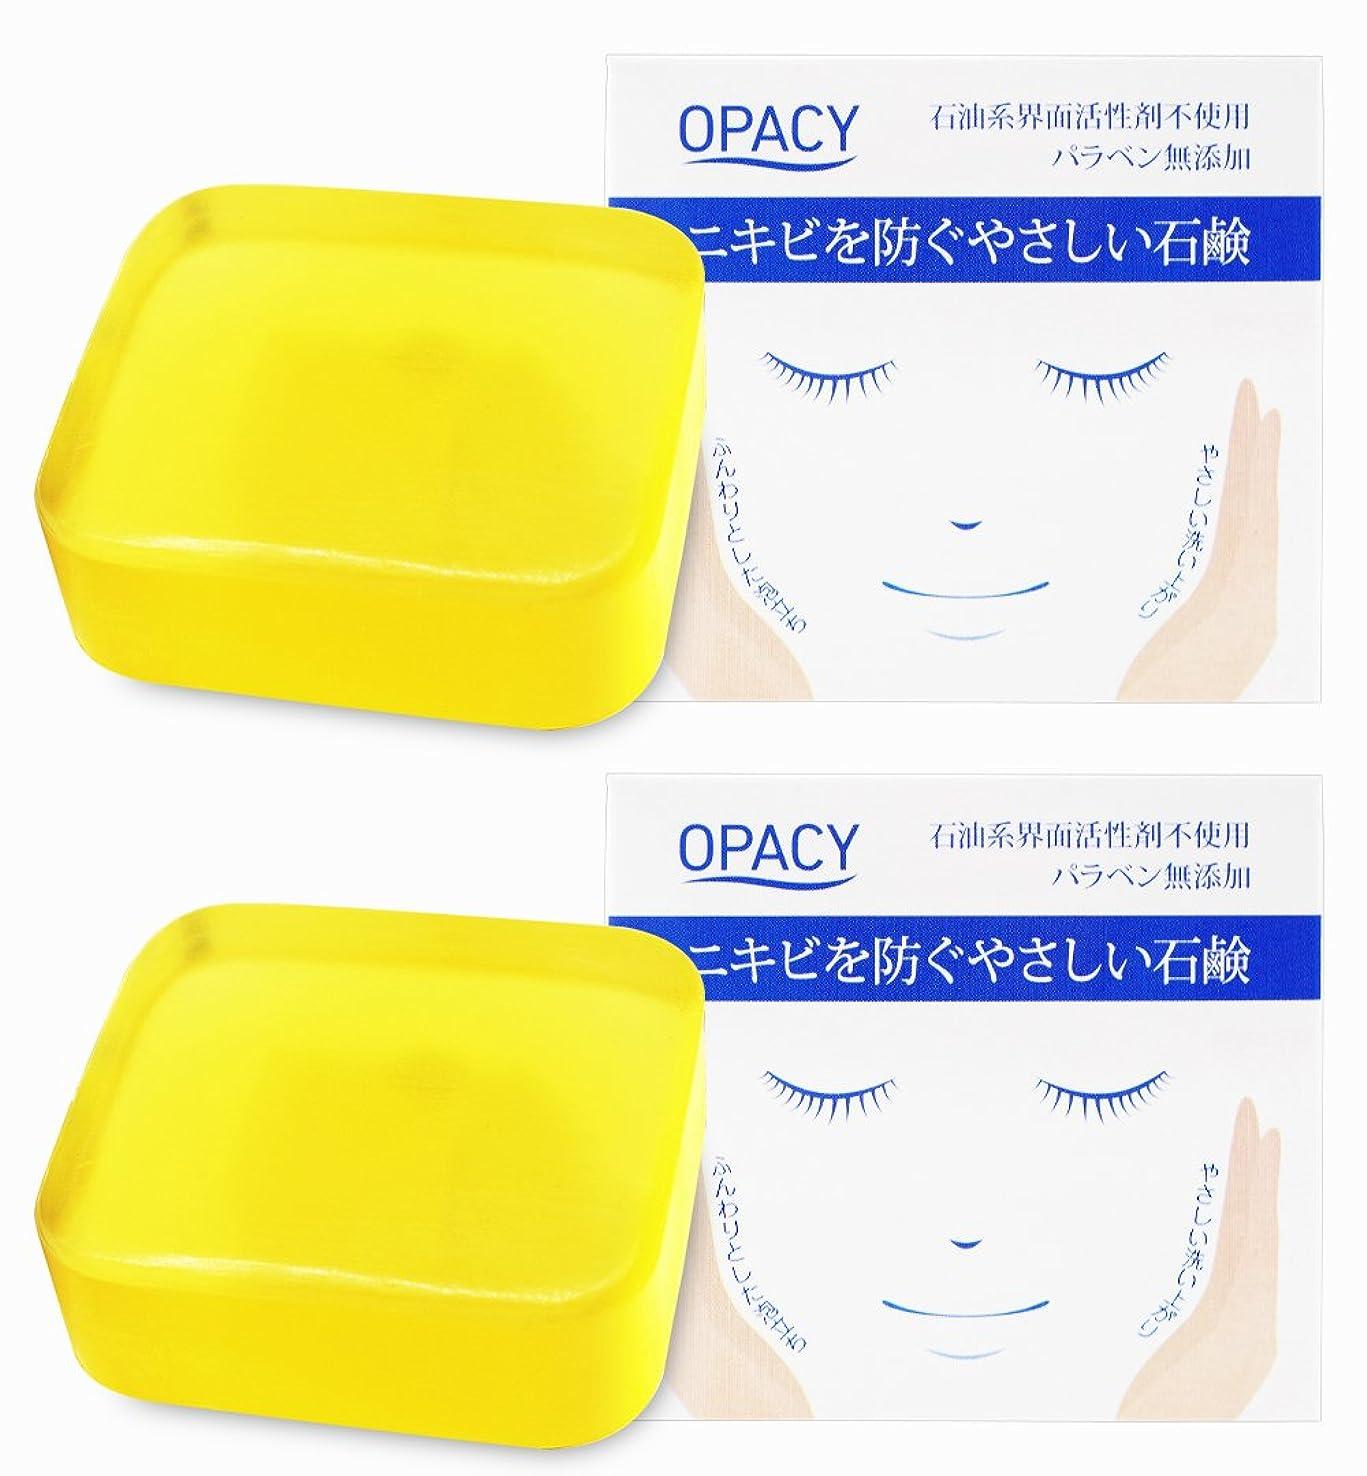 南東彼女自身ベルト【2個セット】オパシー石鹸100g (2個)